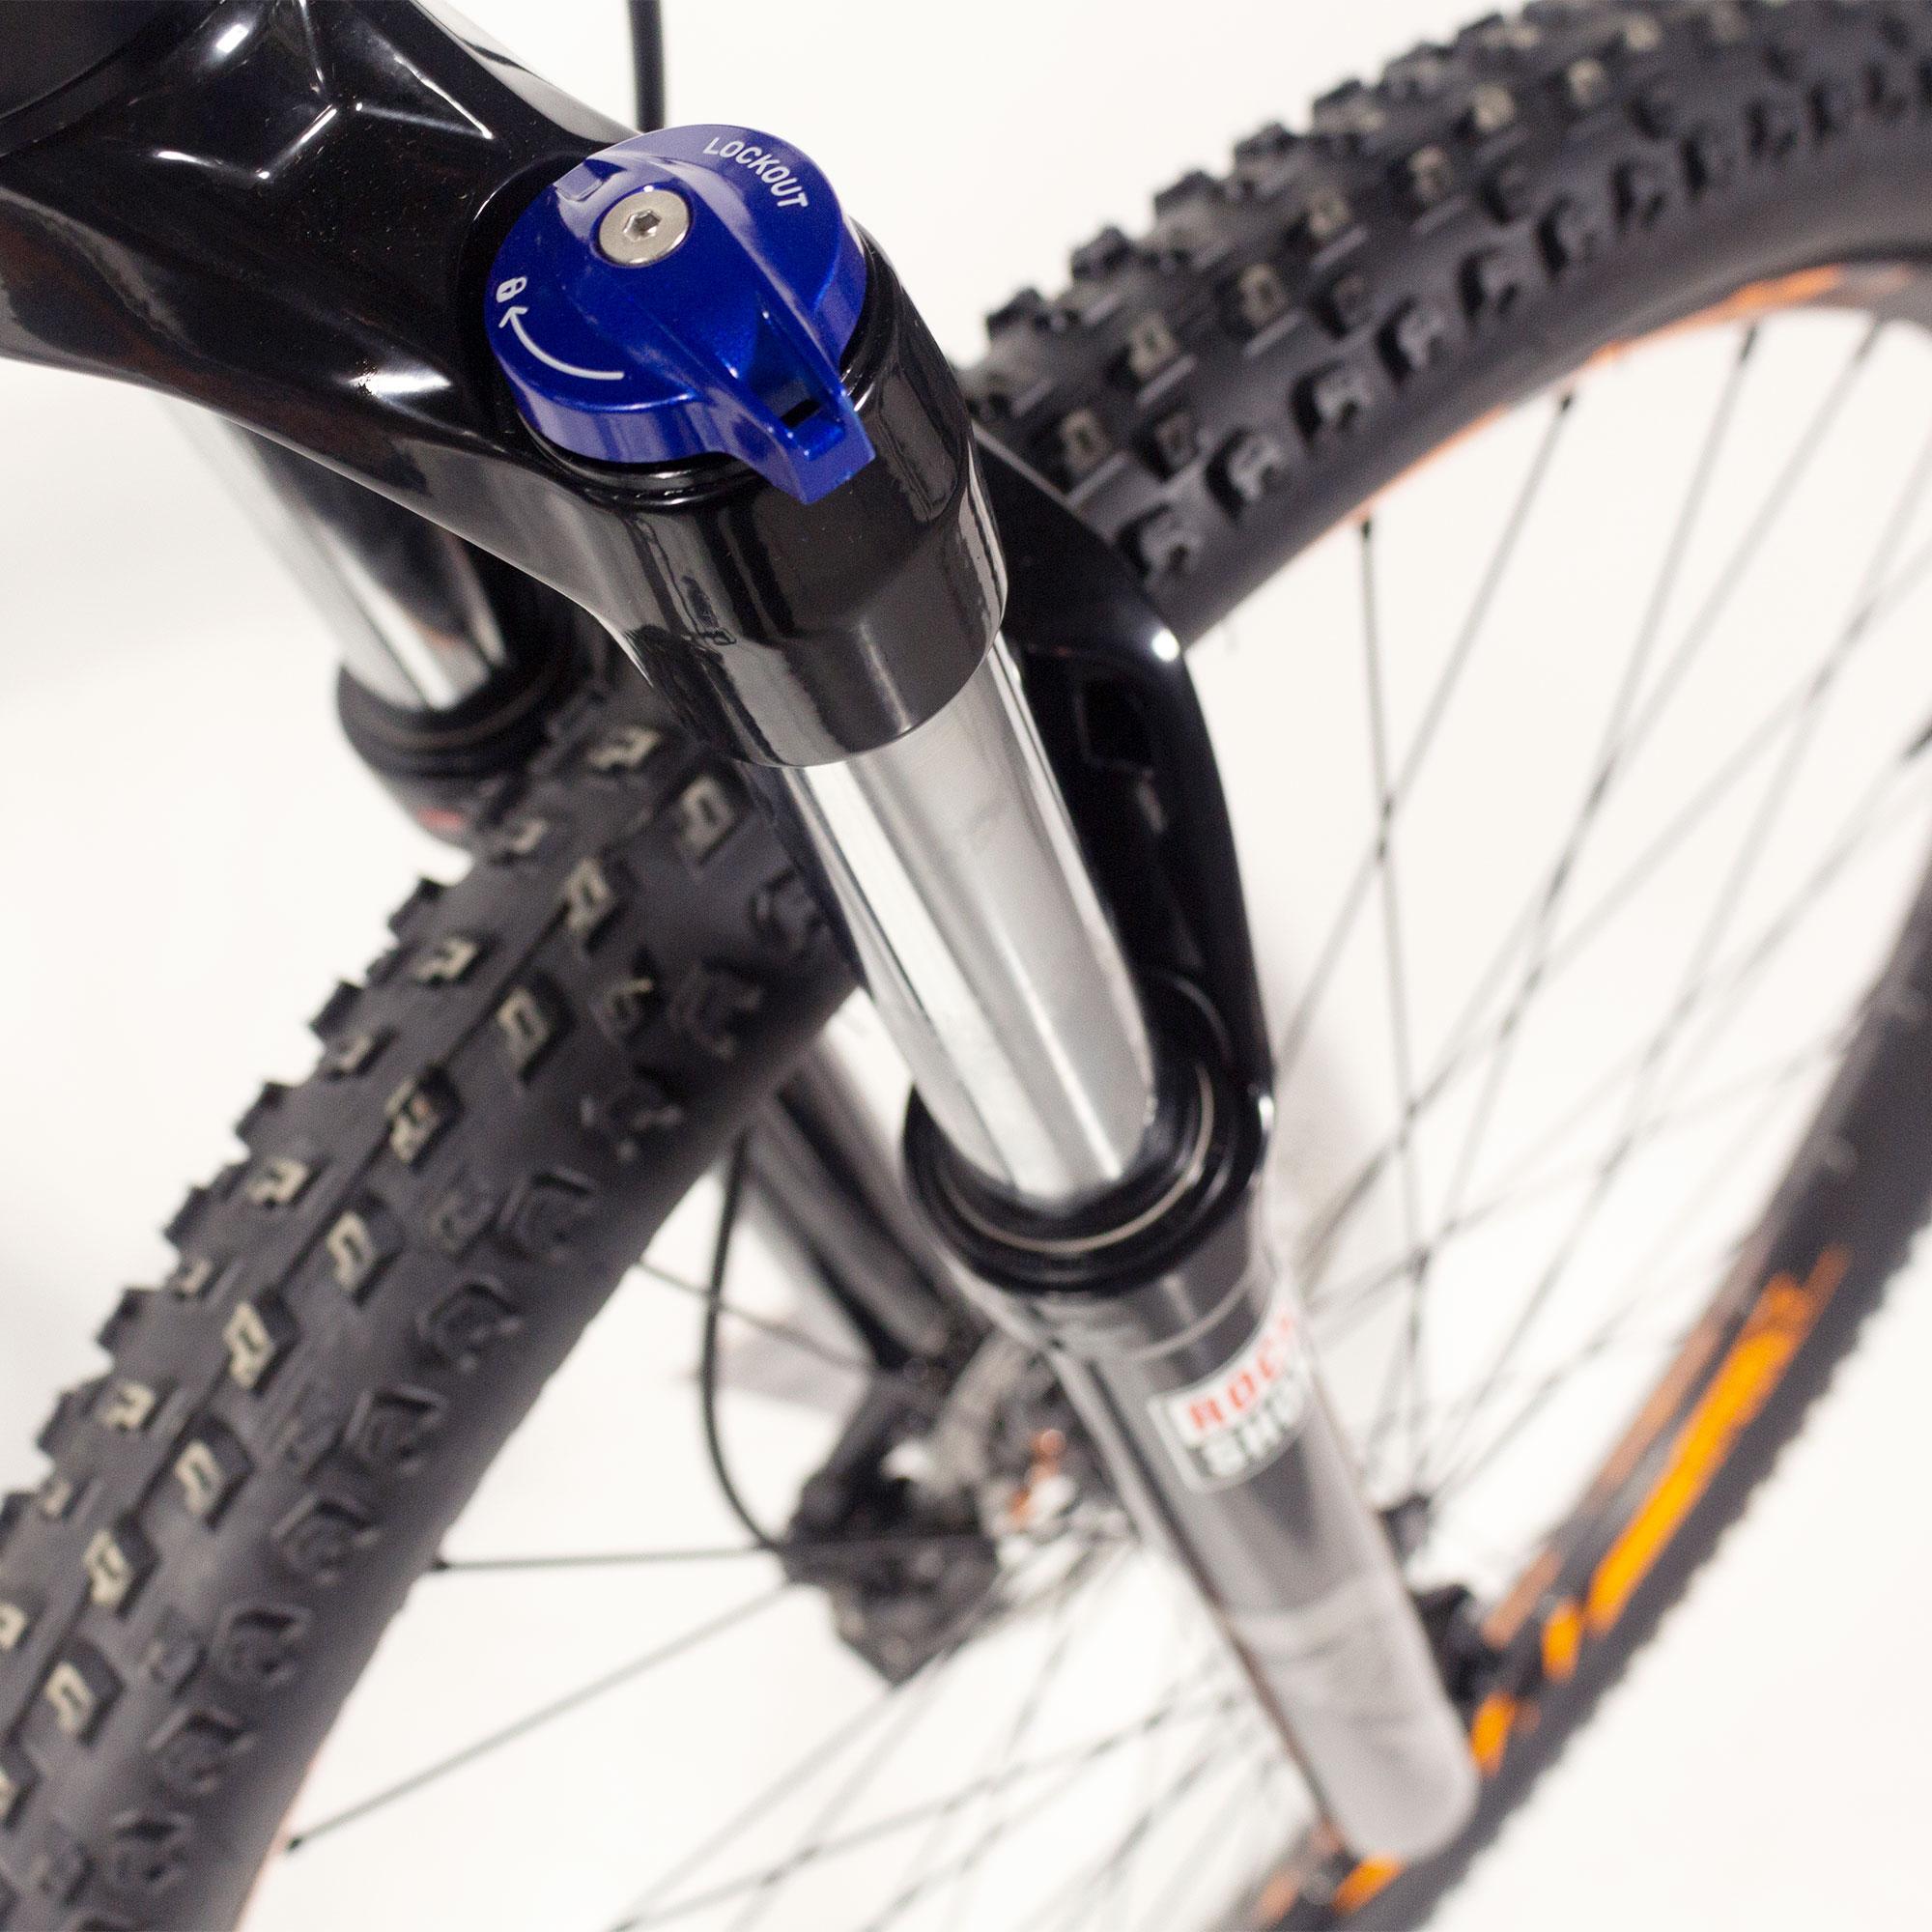 Suspensão para a bike: qual a melhor? 2